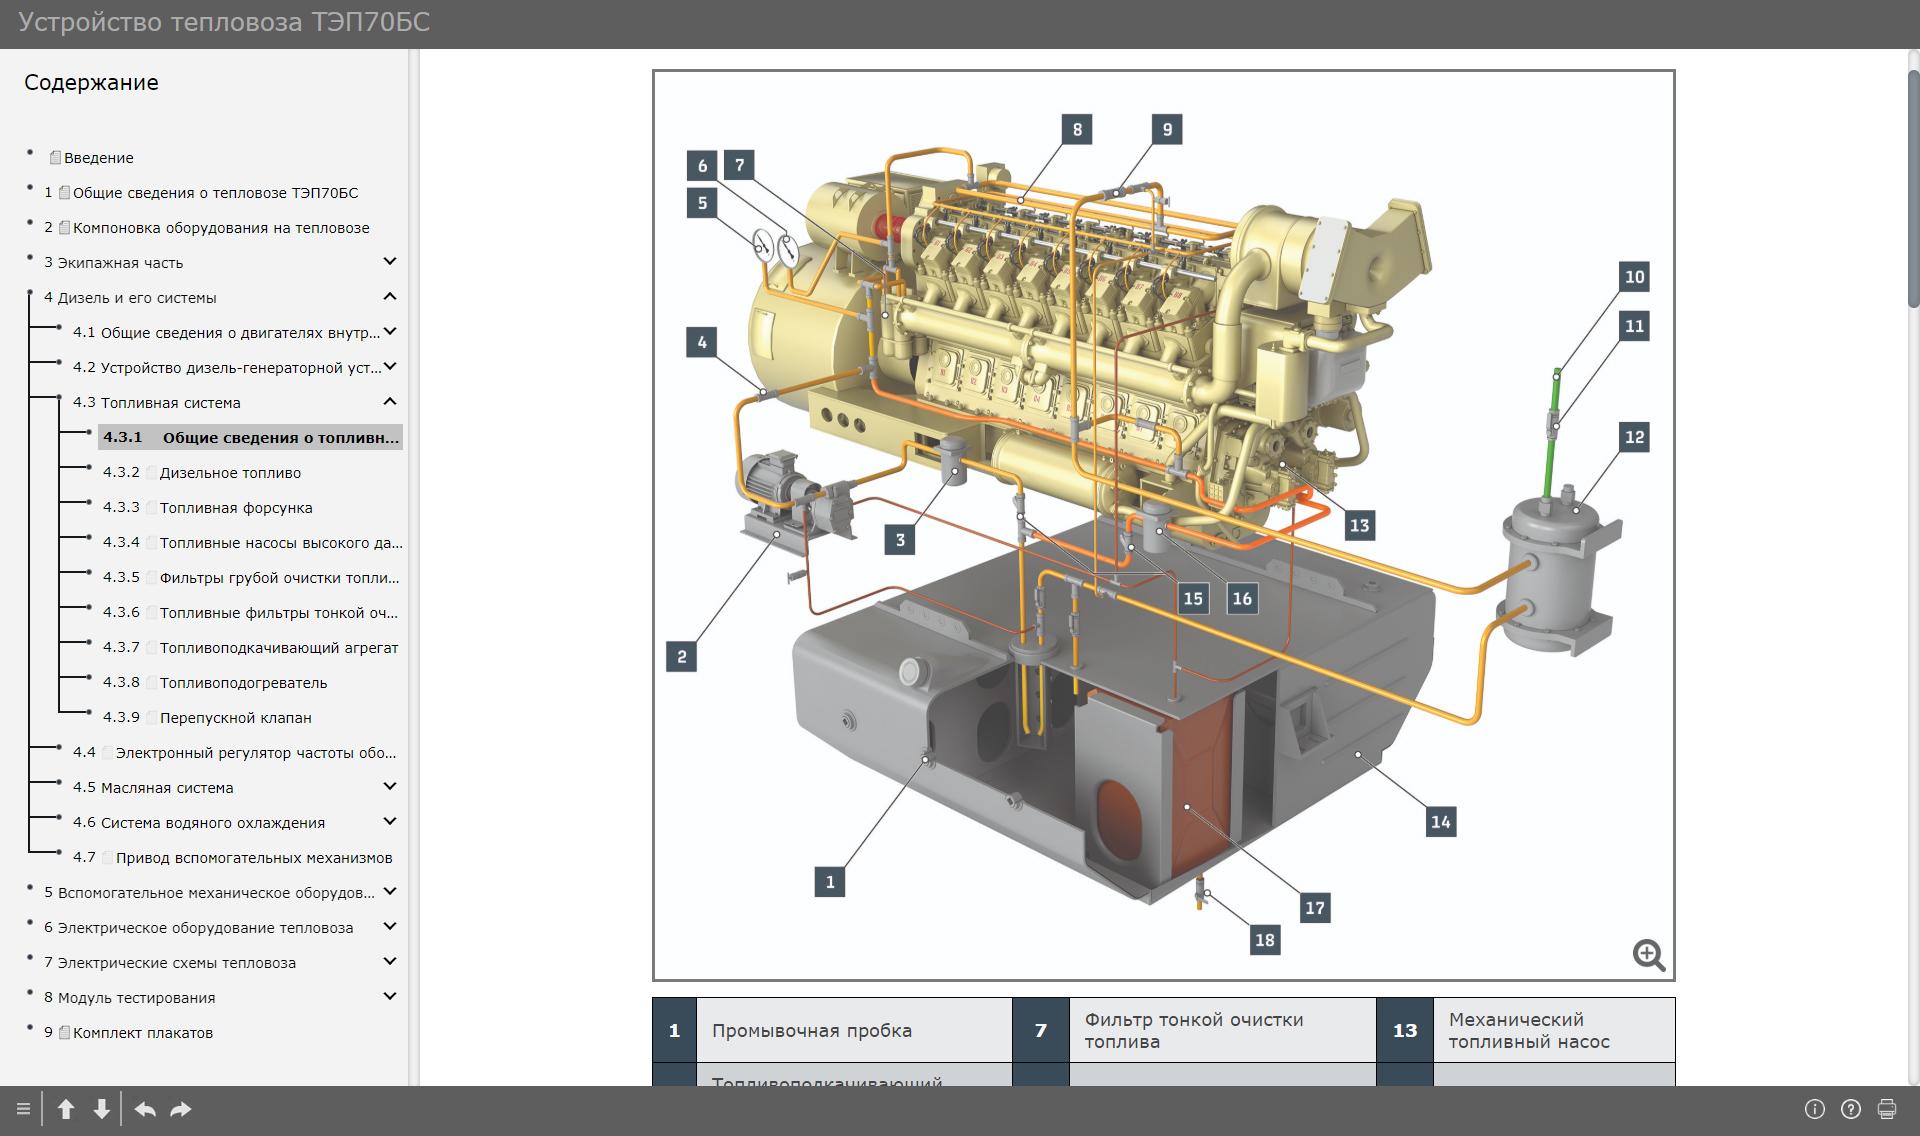 tep70bs 009 Электронный учебный комплекс «Устройство тепловоза ТЭП70БС»